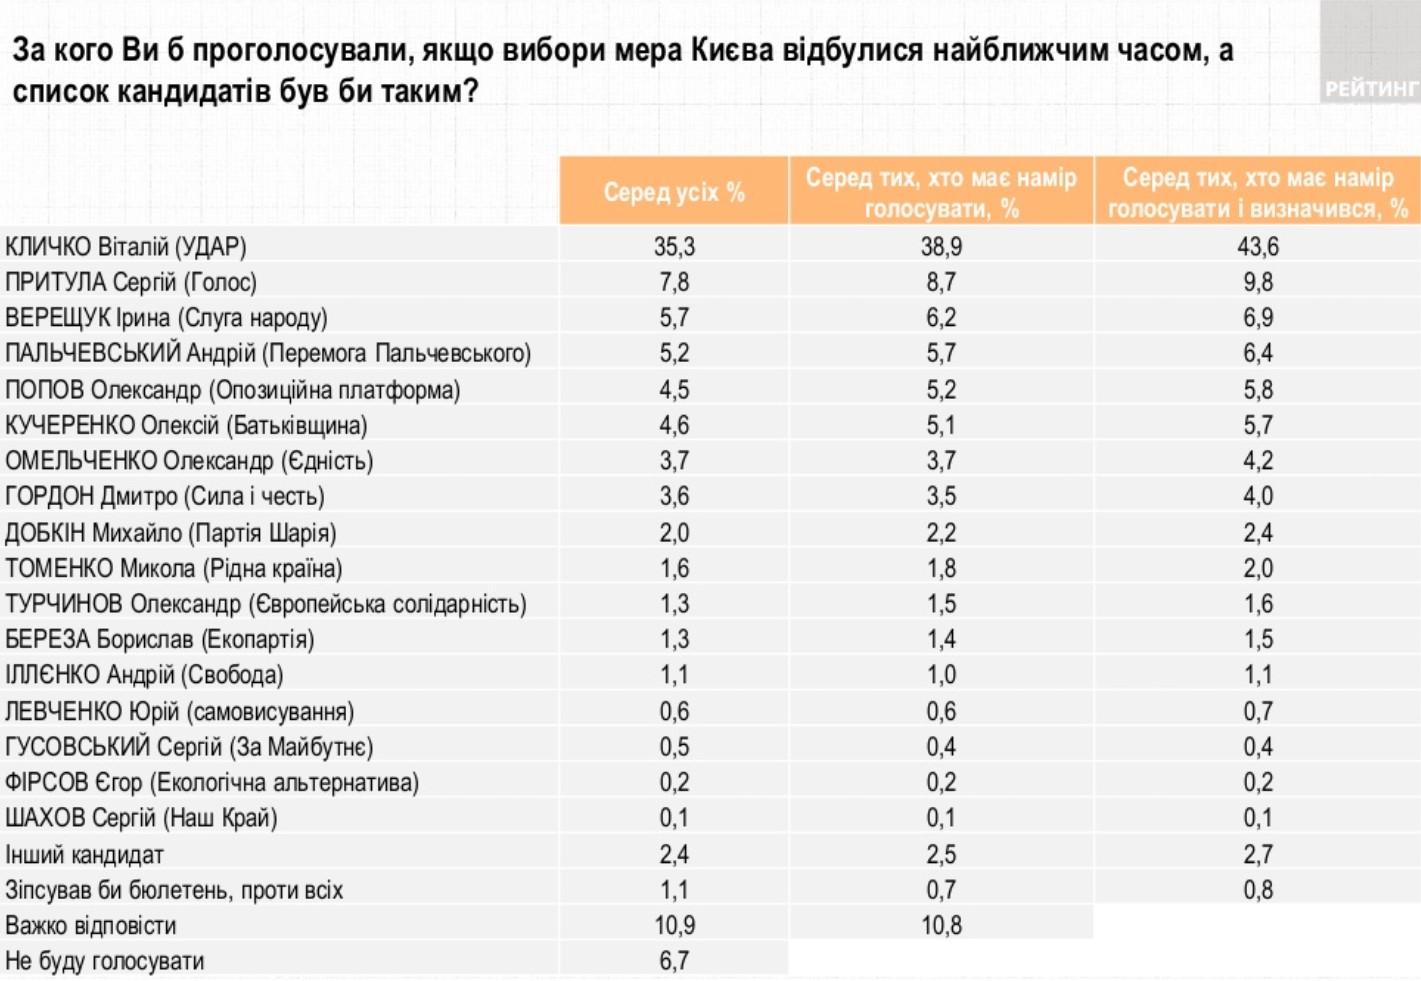 Выборы в Киеве. УДАР лидирует, Кличко вне конкуренции – опрос Рейтинга